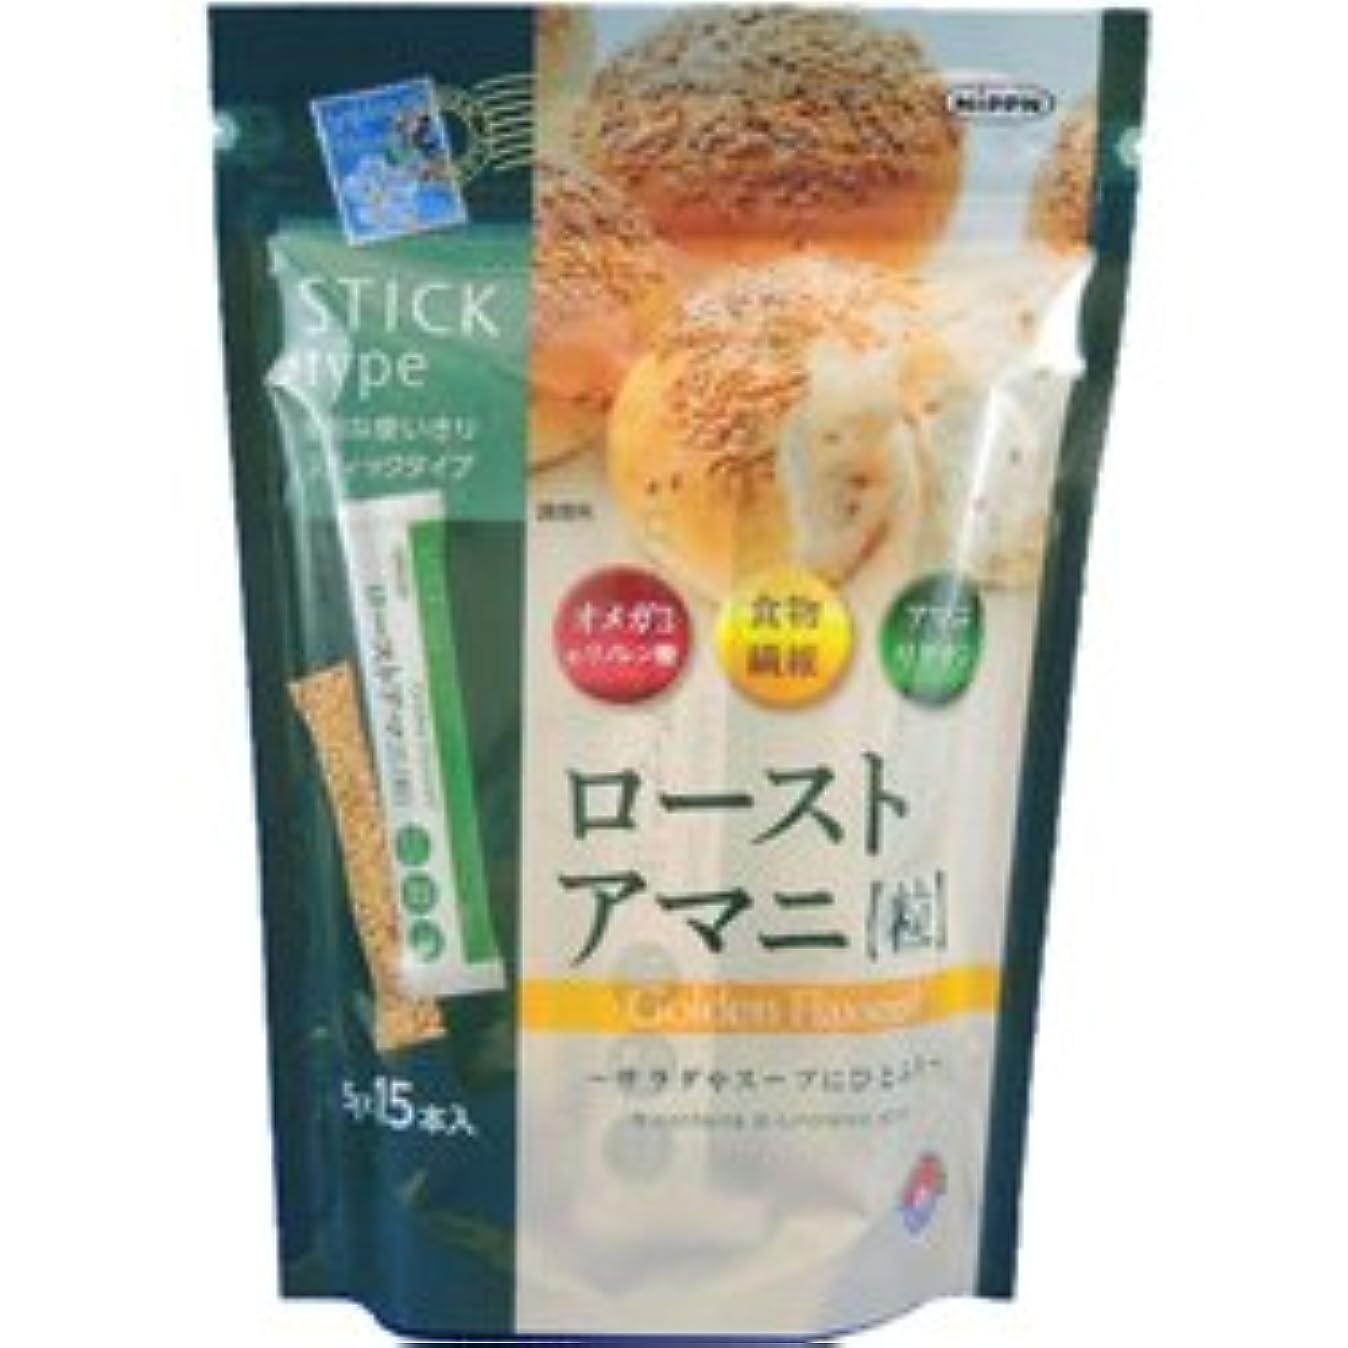 死にかけているチューインガム速い【日本製粉】ローストアマニ粒 75g ×20個セット